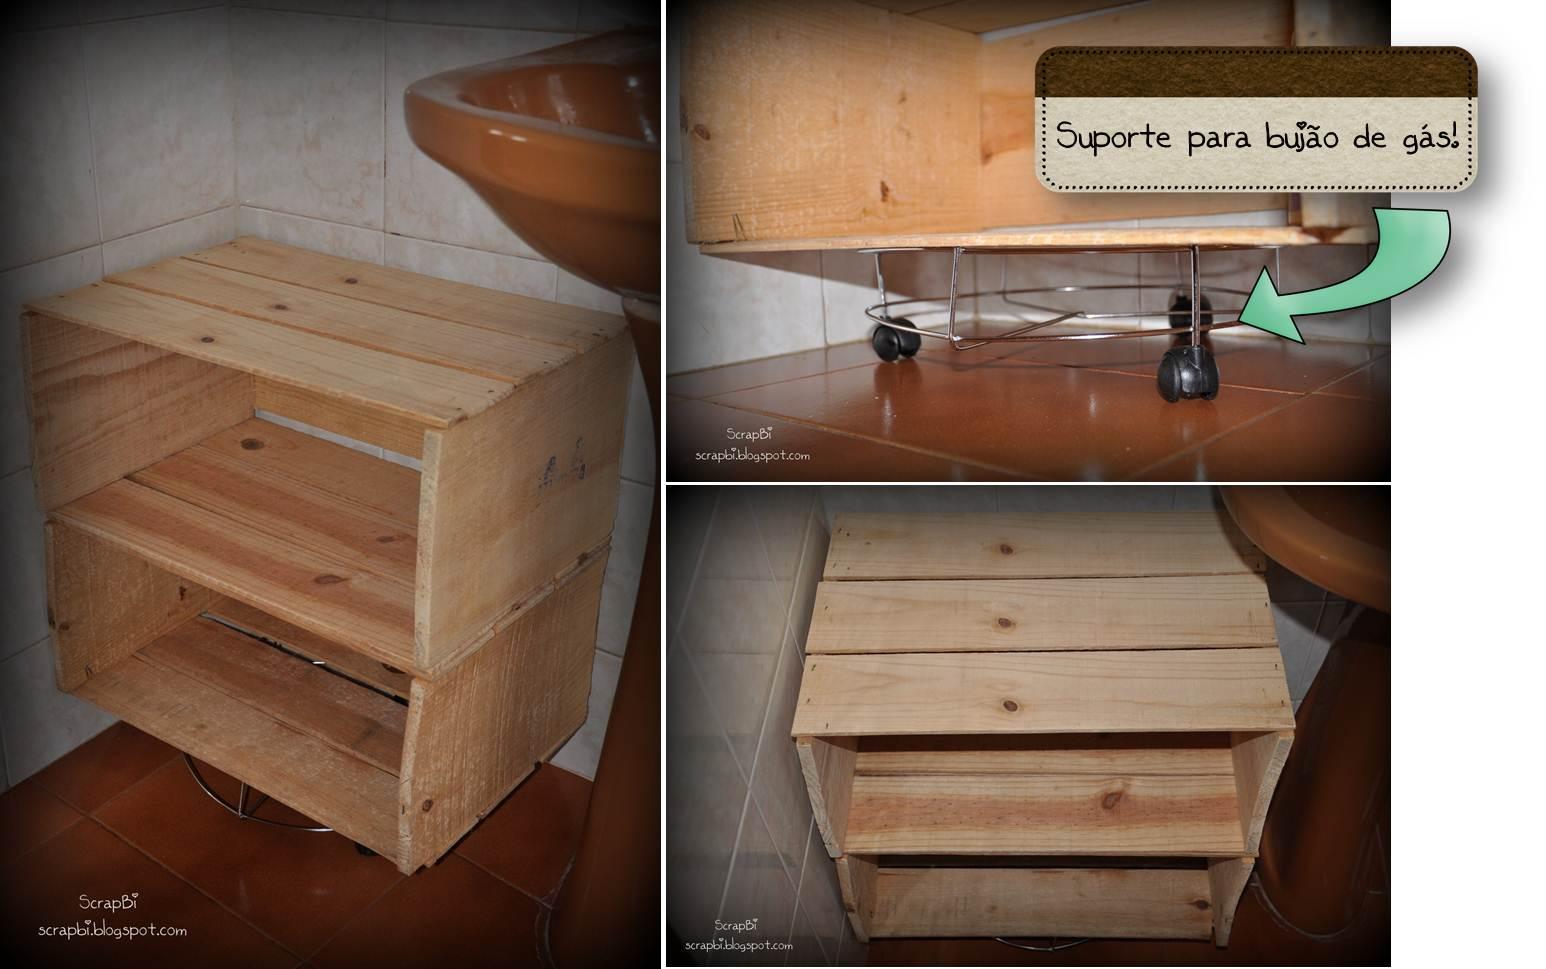 Caixas de feira Armário do banheiro ScrapBi #976134 1546x969 Armarinho De Banheiro De Vidro